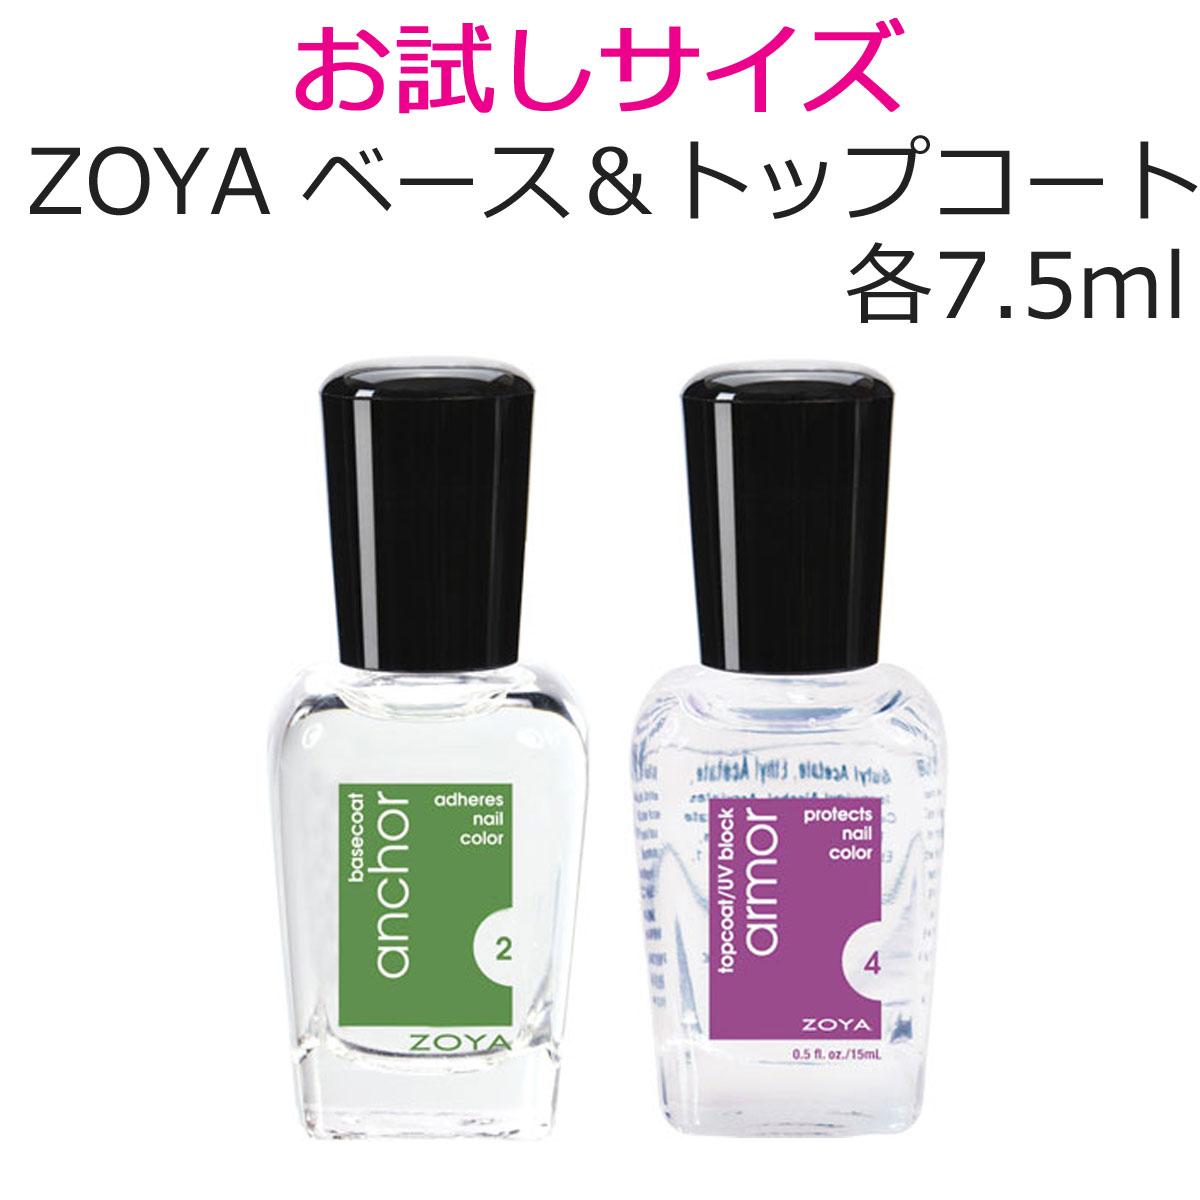 [お試しサイズ2点セット] ZOYA ゾヤ ゾーヤ アンカーベースコート & アーマートップコート 各7.5ml